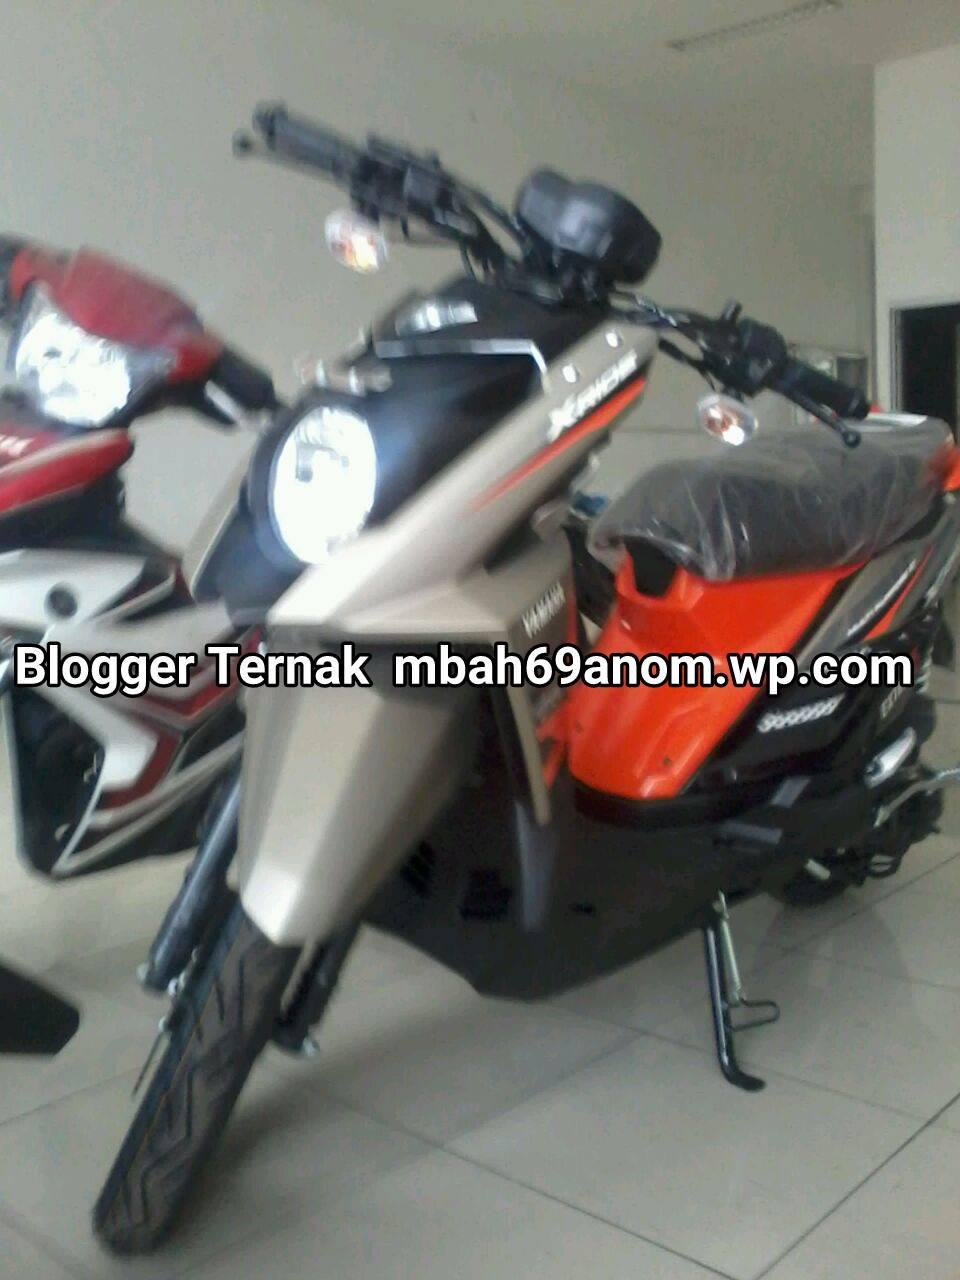 yamaha-x-ride-gun-metal.jpg.jpg